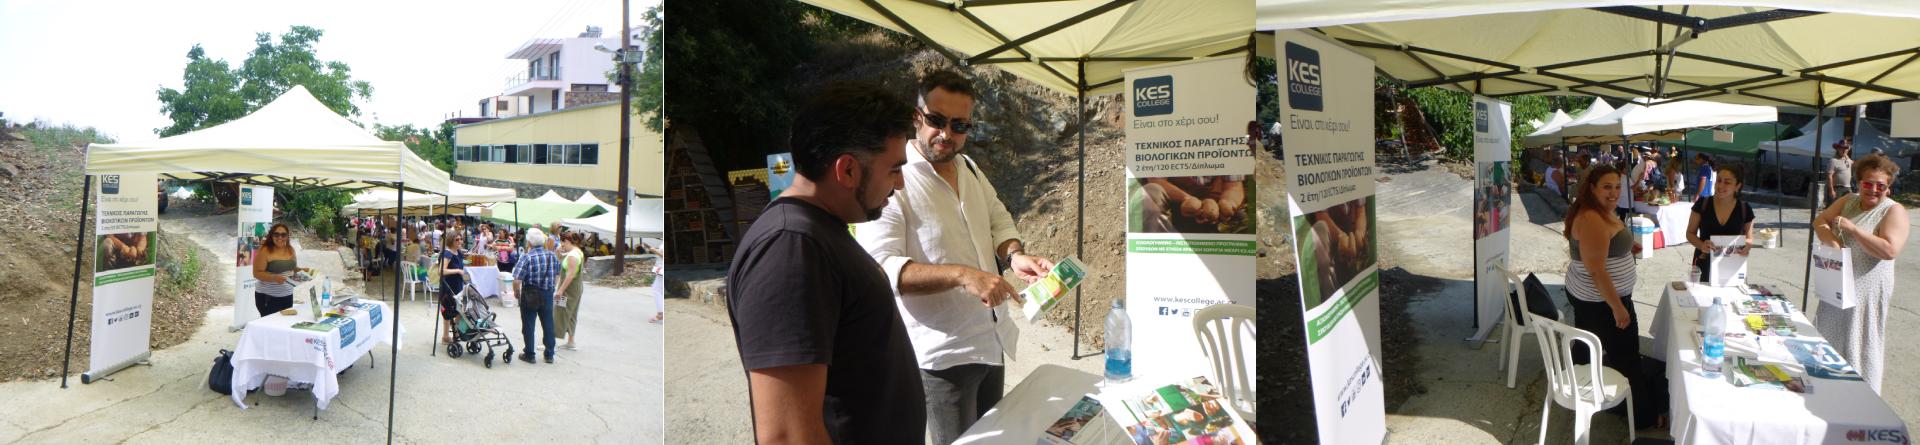 Το KES College στο 3ο Φεστιβάλ Μελιού και Μελισσοκομίας Ορεινής Λάρνακας